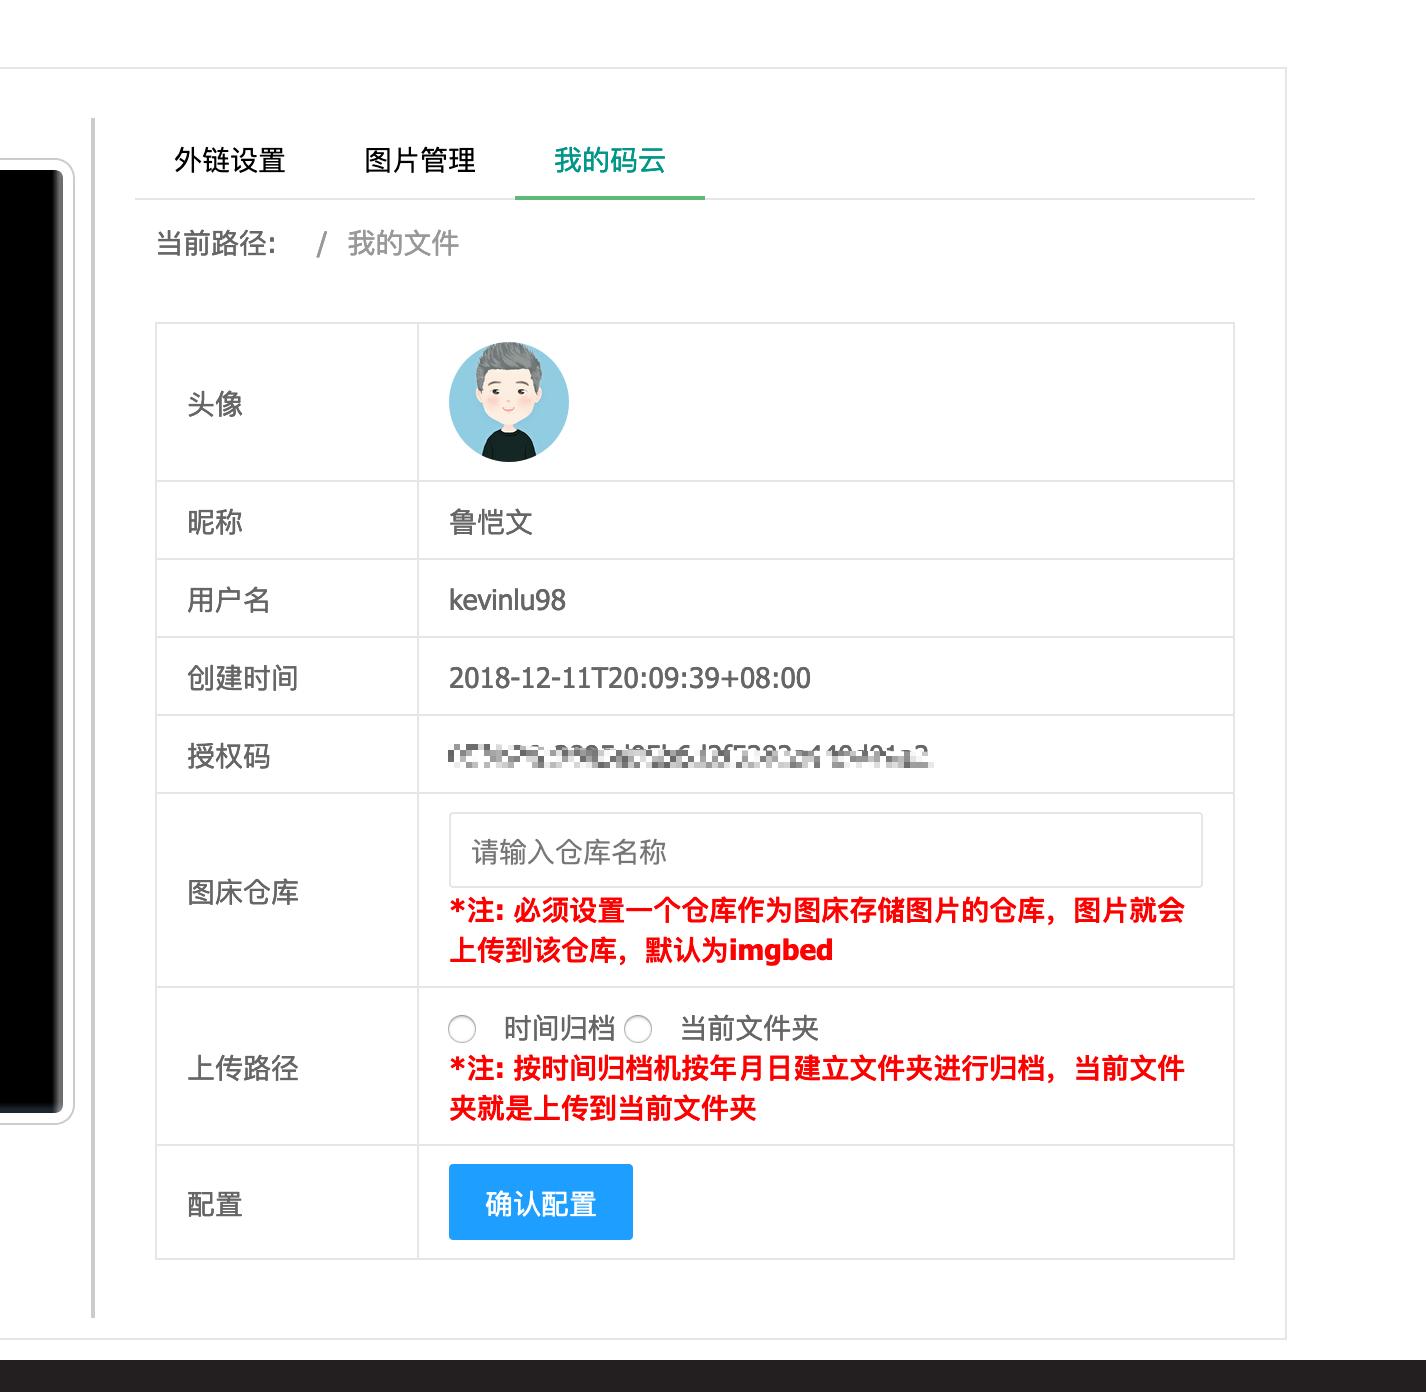 https://imagebed-1252410096.cos.ap-nanjing.myqcloud.com/20210324/da111f52c8b140139c151eb4737a5c3c.png